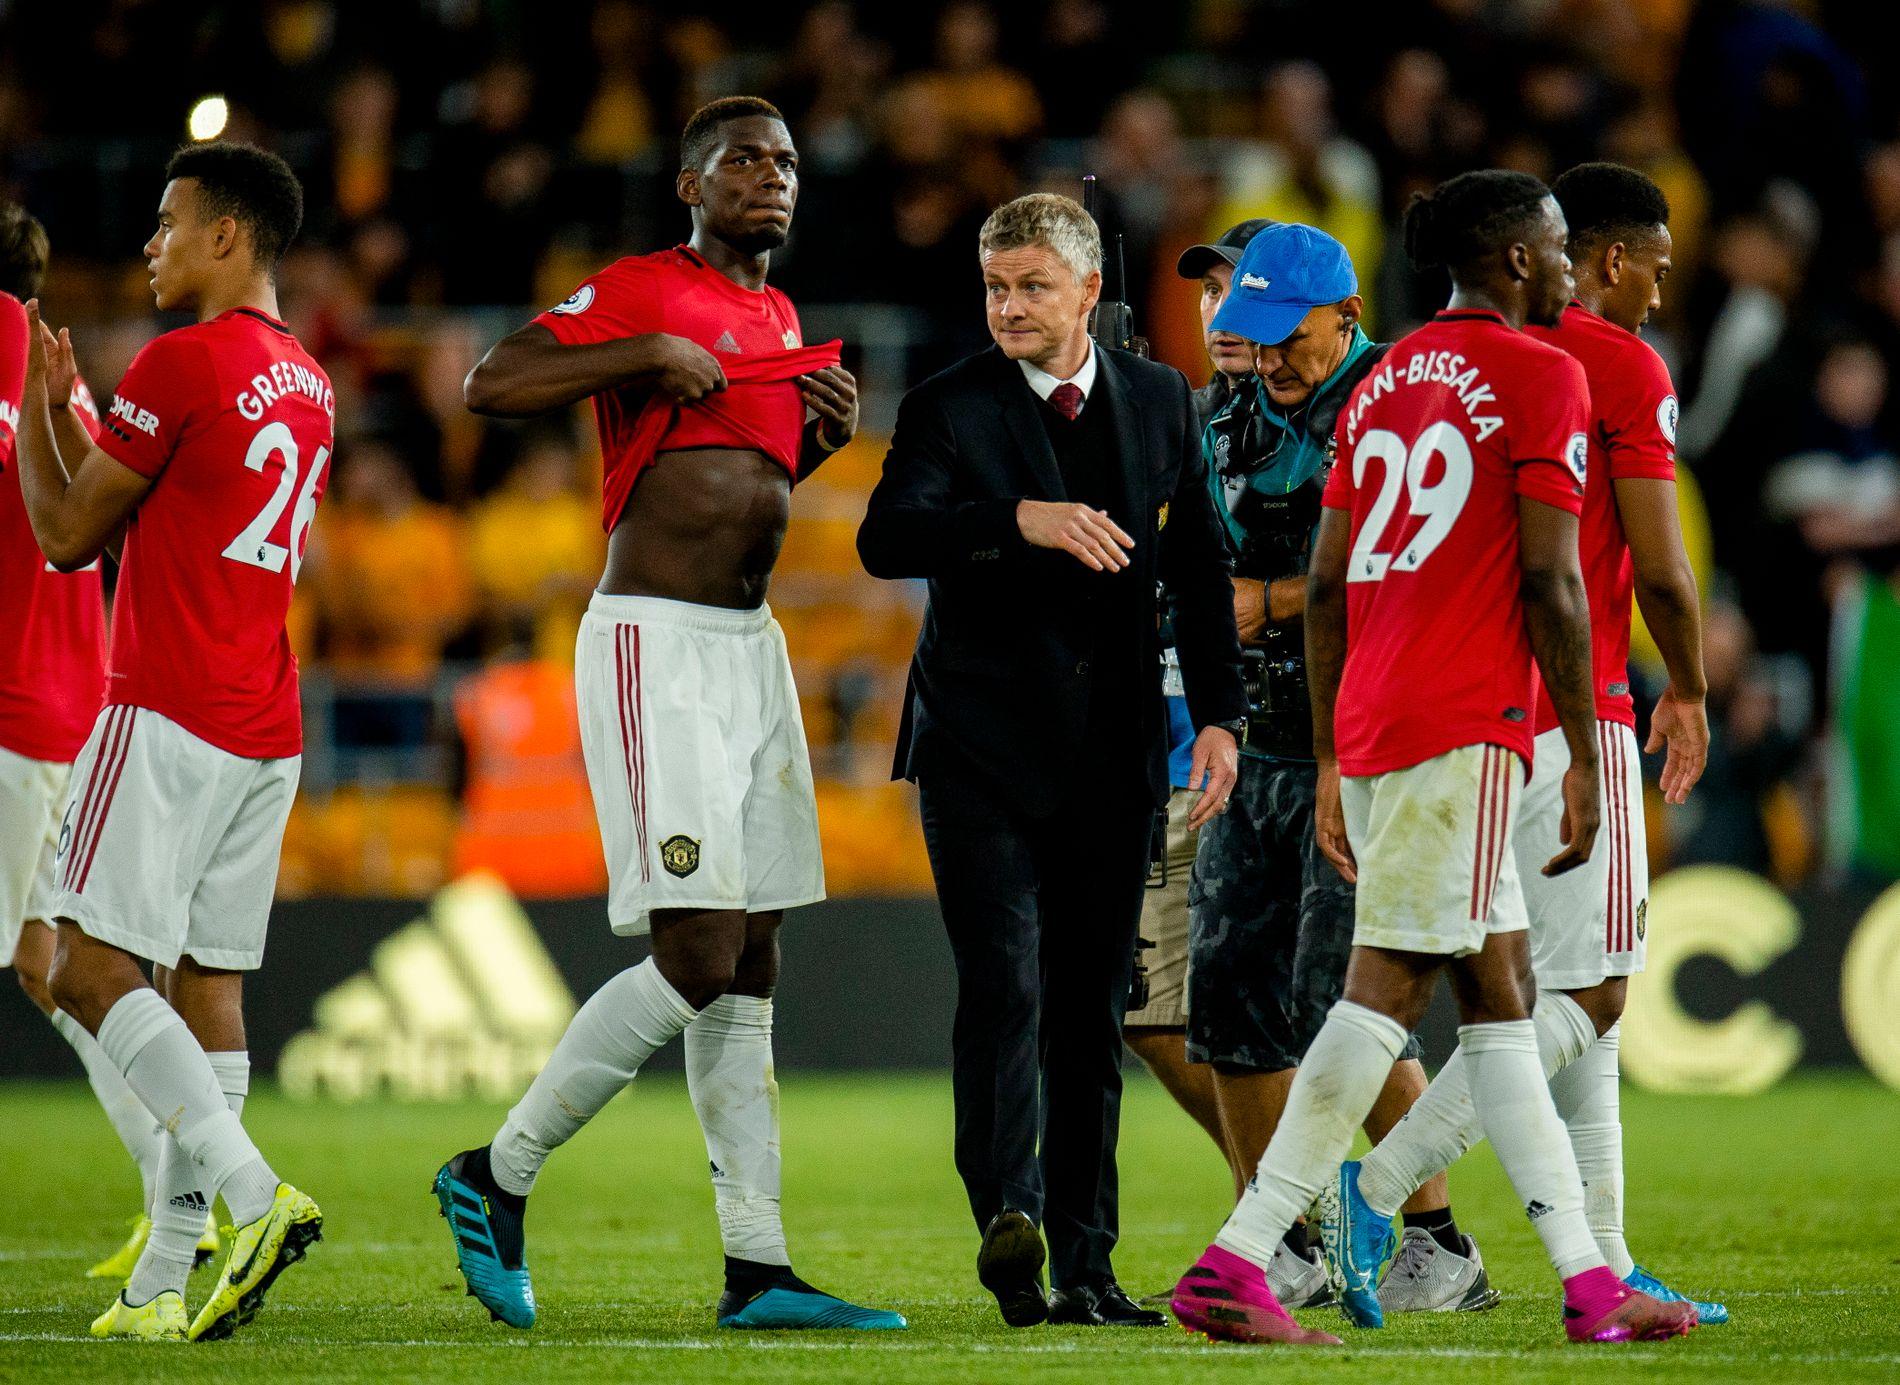 GIKK GALT: Paul Pogba bommet på straffe mot Wolverhampton. Det kostet trolig to poeng for Ole Gunnar Solskjær.